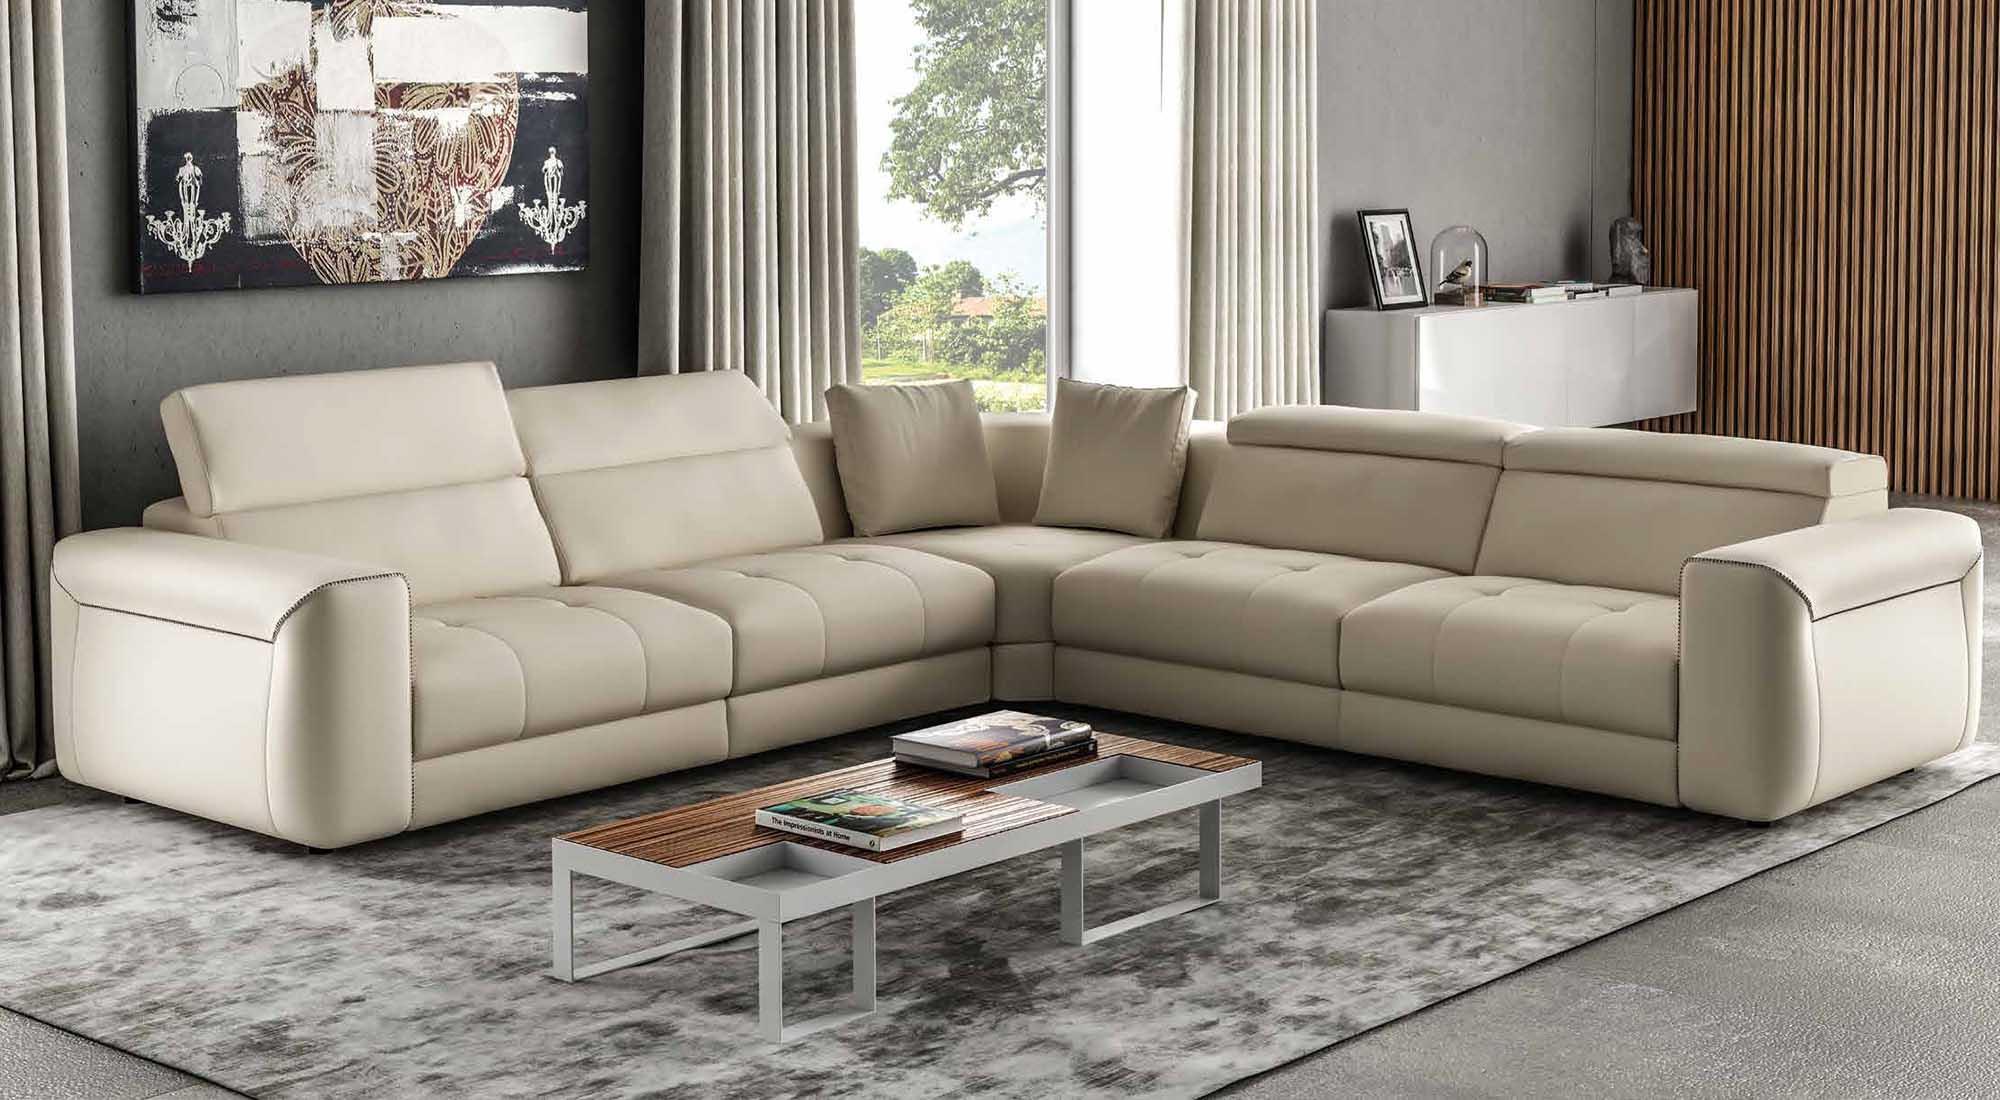 I migliori divani in pelle da arredamenti meneghello for Divani in pelle classici